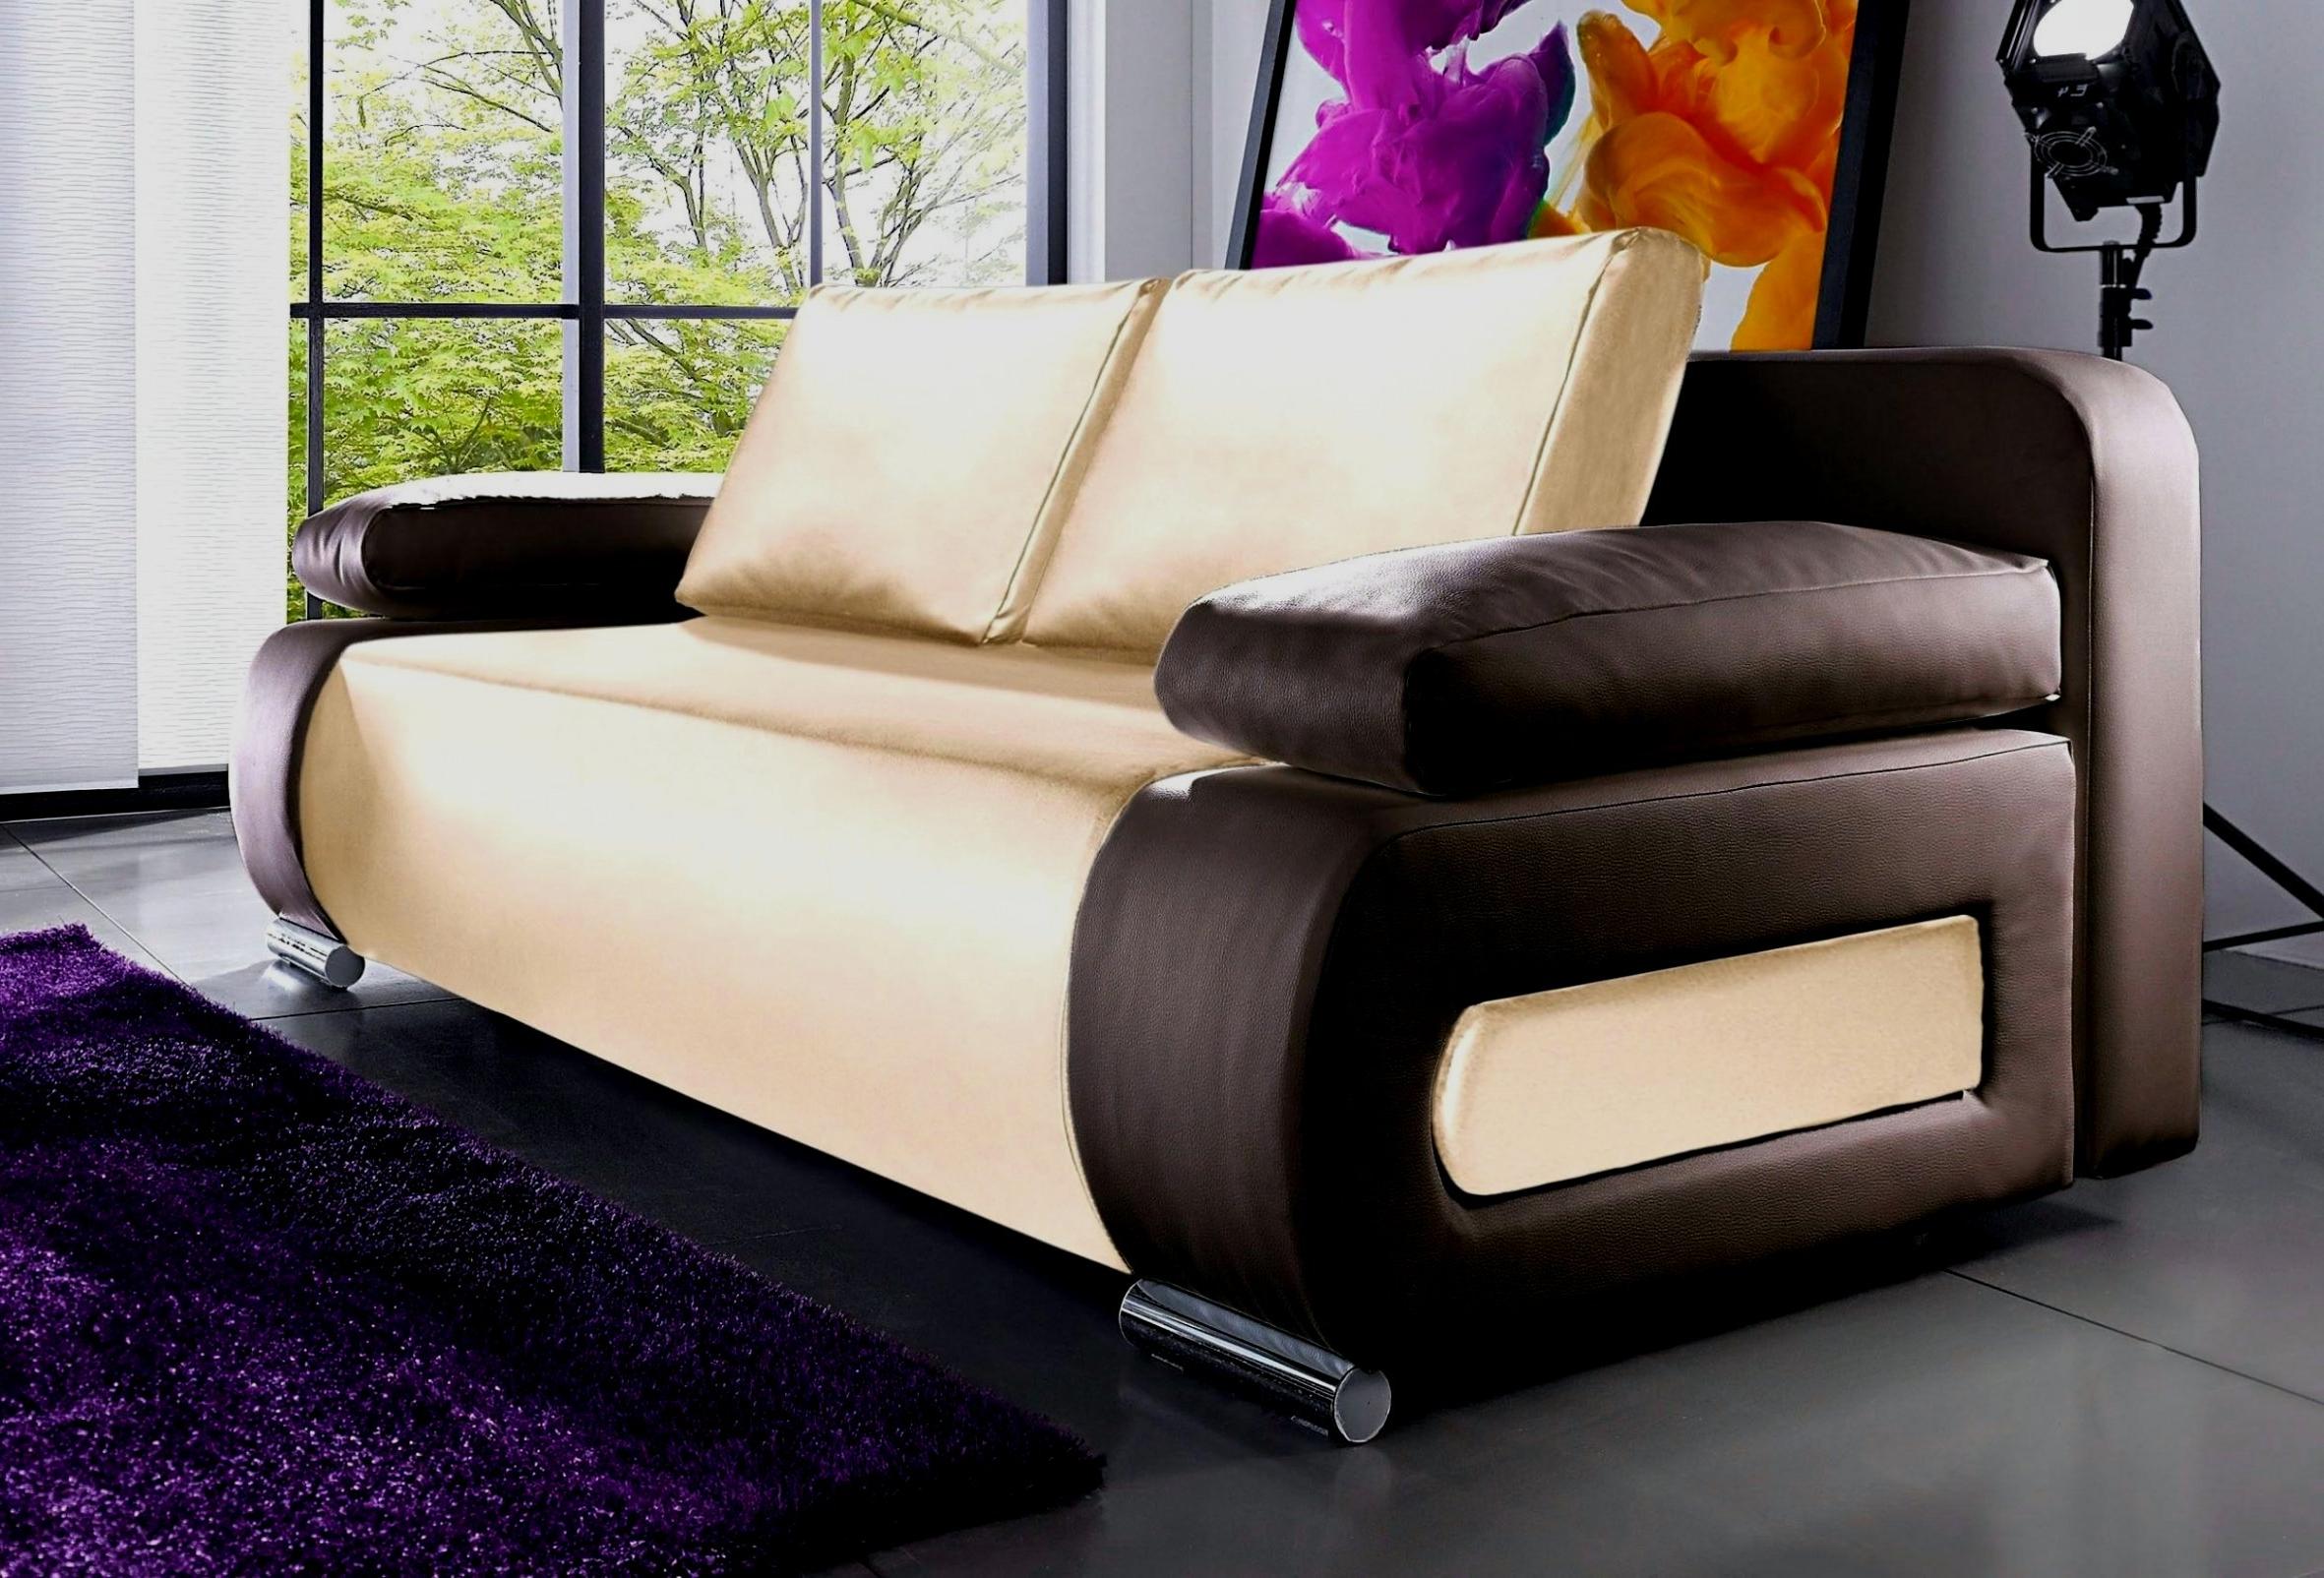 Sofas Ocasion Jxdu sofas Ocasion Bello sofa Schlafsofa Luxus 20 Luxus Schlafsofa